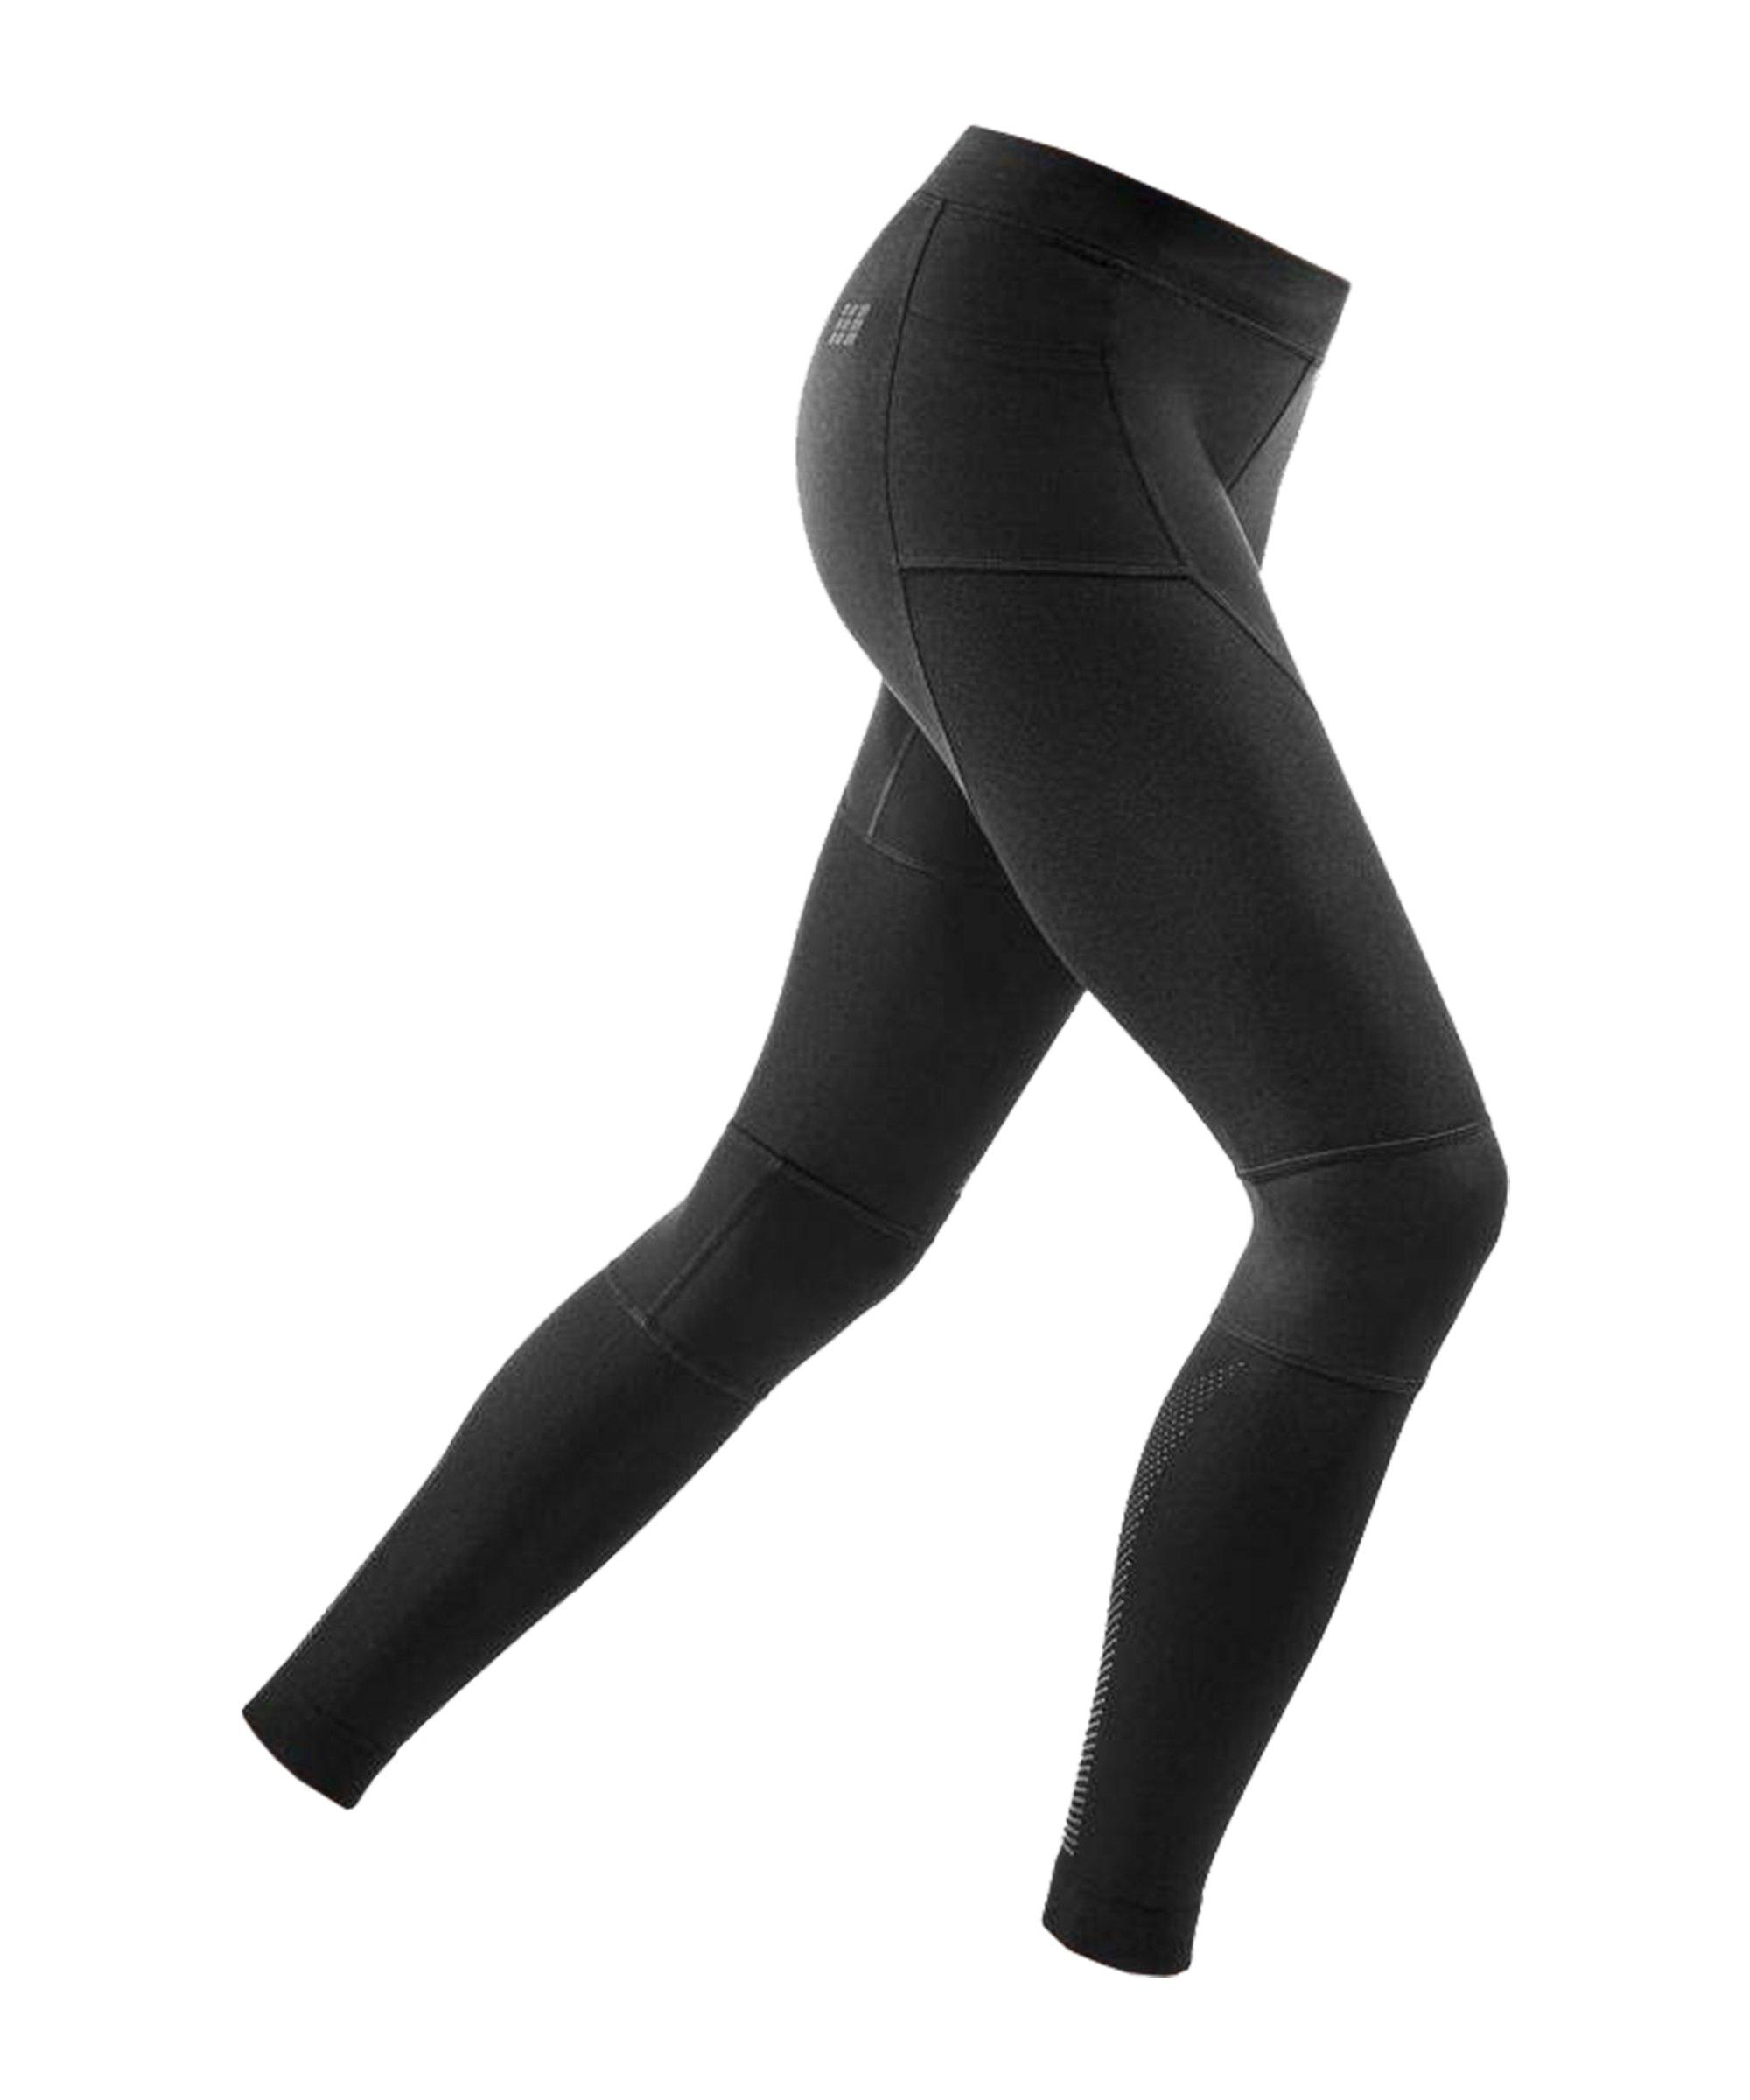 CEP Compression Leggings Running Damen Schwarz - schwarz